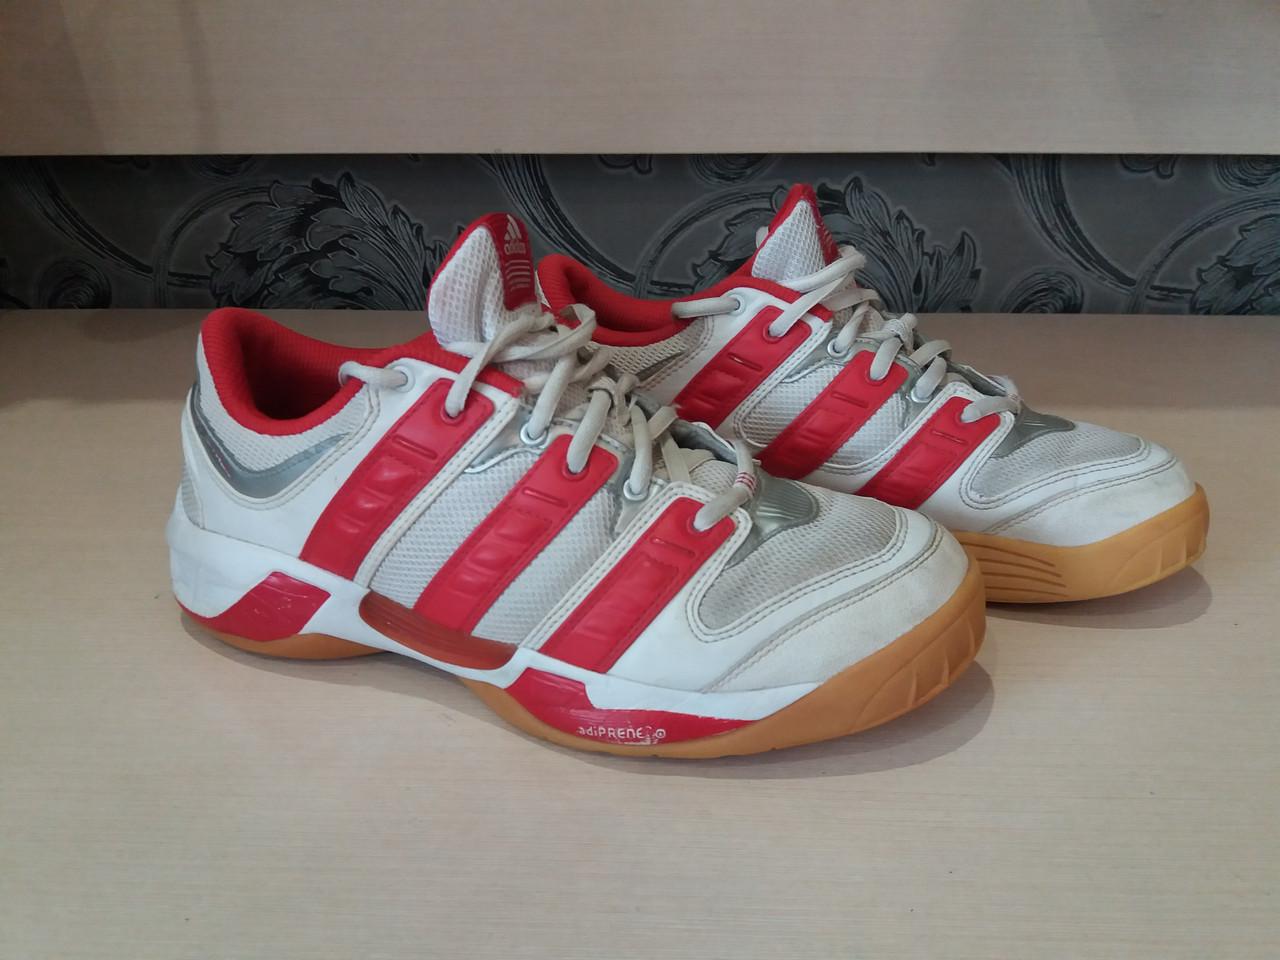 Кросівки Adidas court stabil 40р. з Германії - bu-rechi в Луцке b69999ebf2f90